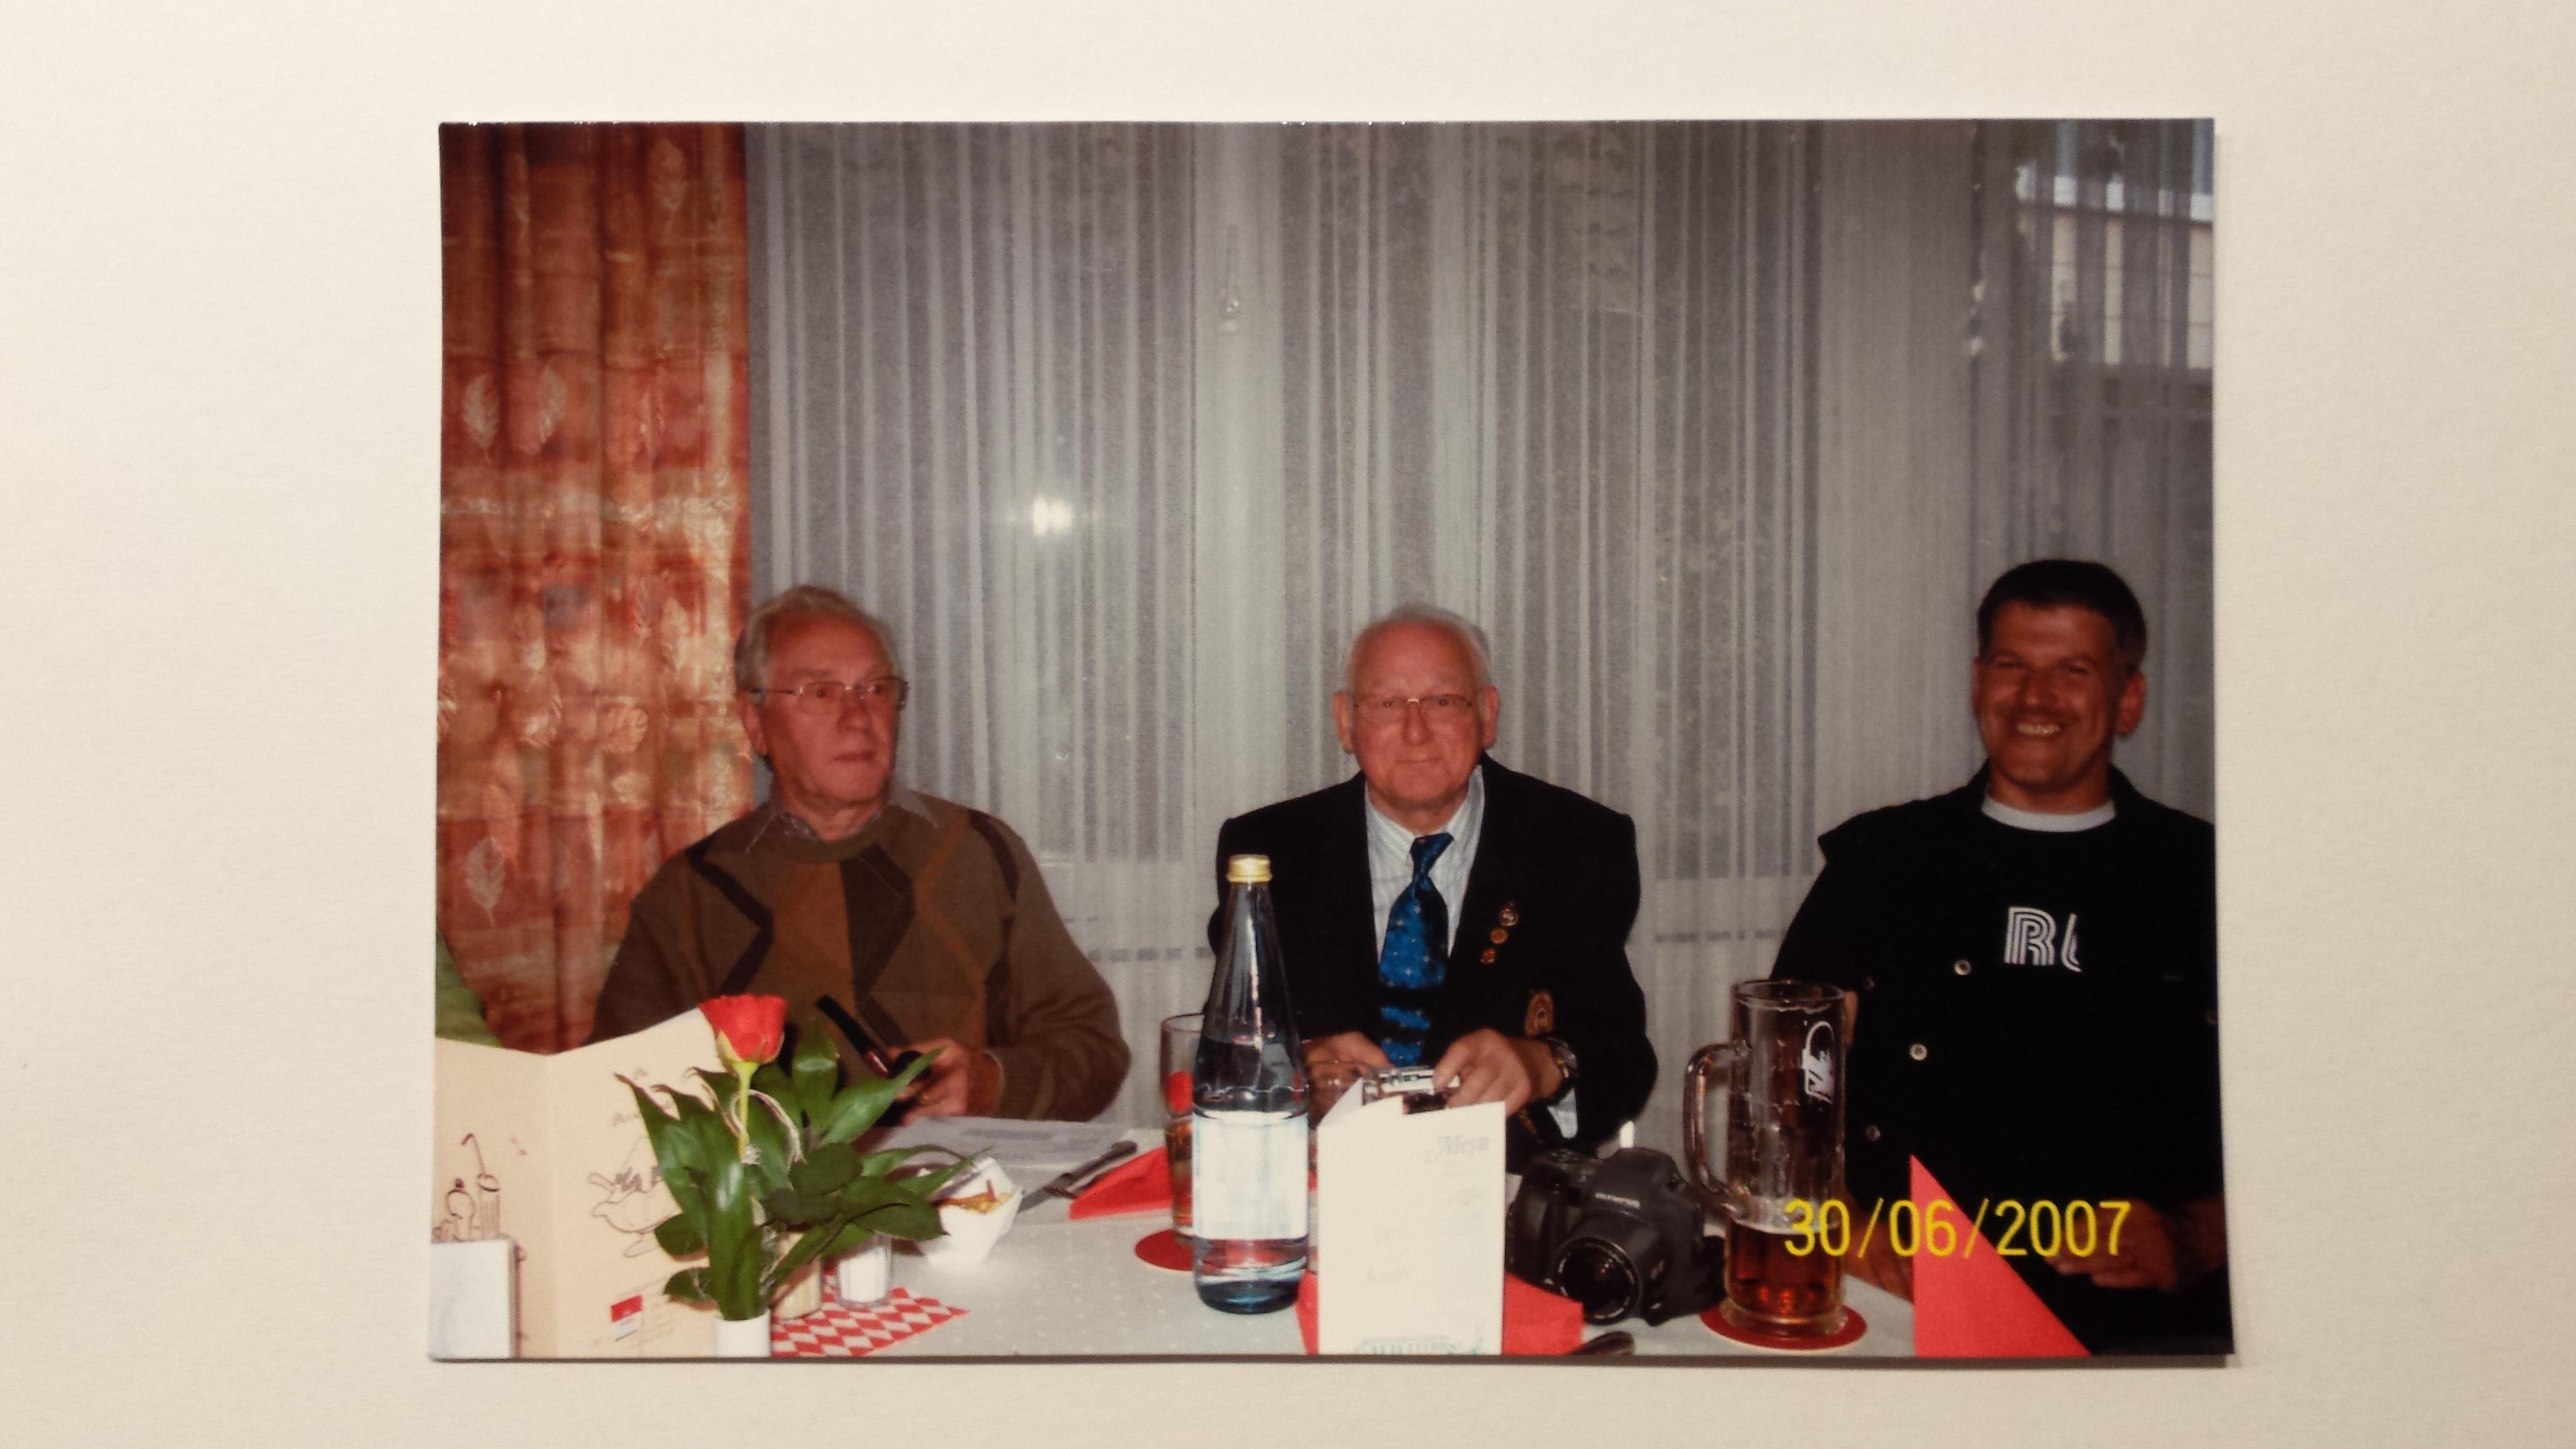 Erwin u. Gerhard Holzapfel